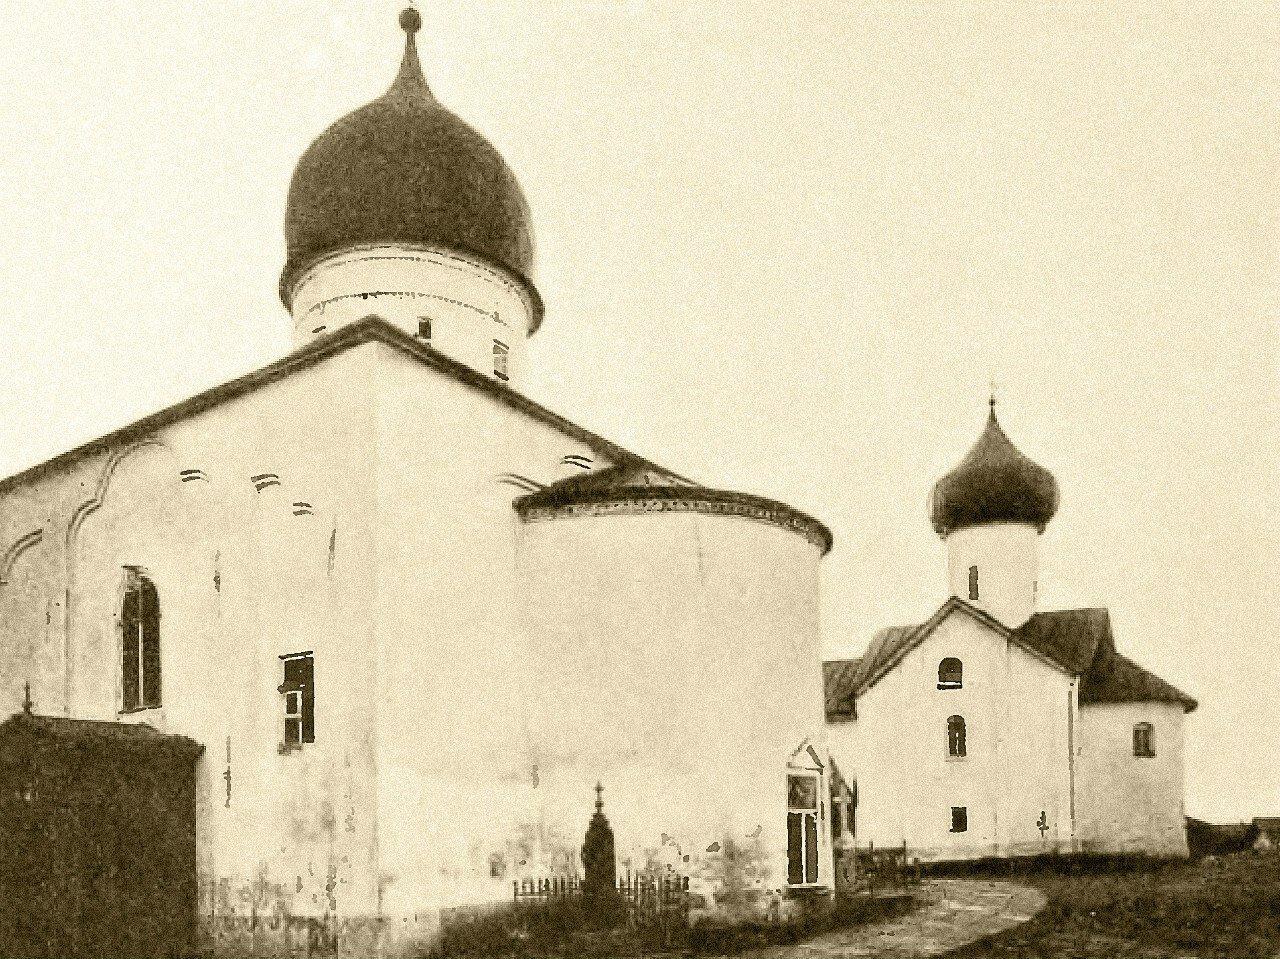 Церкви Покрова Богородицы и Симеона Богоприимца в Зверине монастыре на Софийской стороне Новгорода